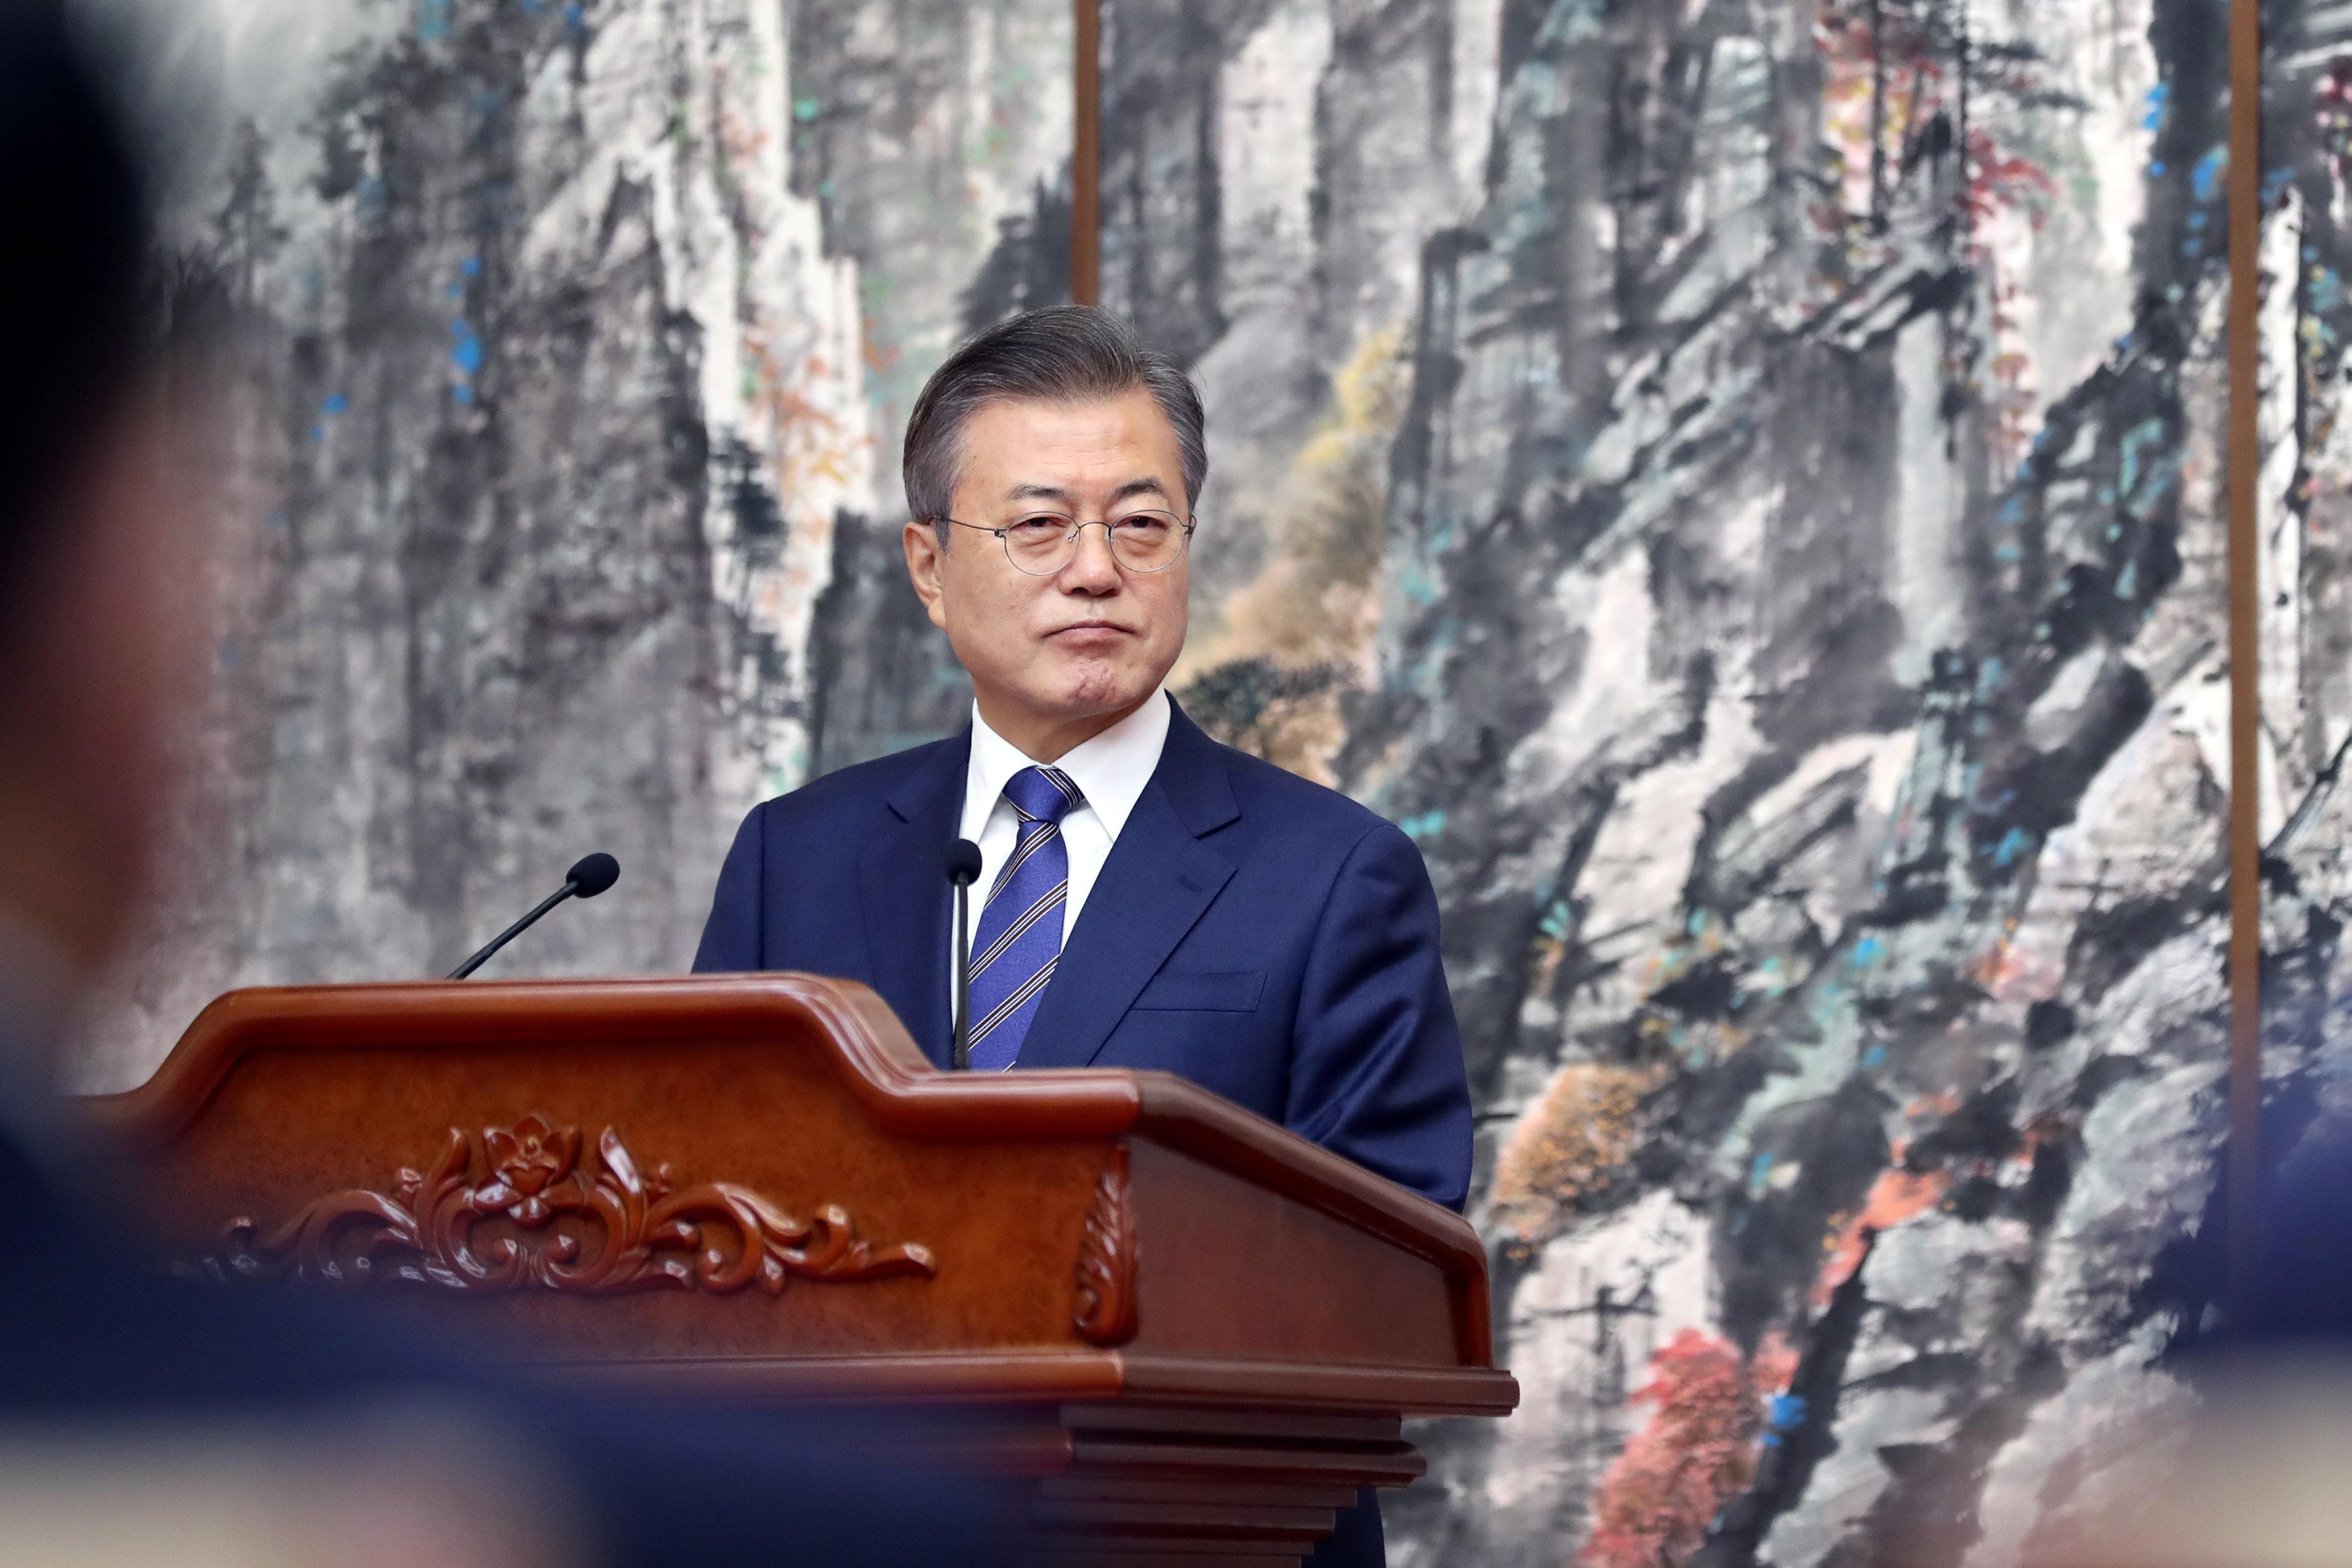 رئيس كوريا الجنوبية مون جاى إن